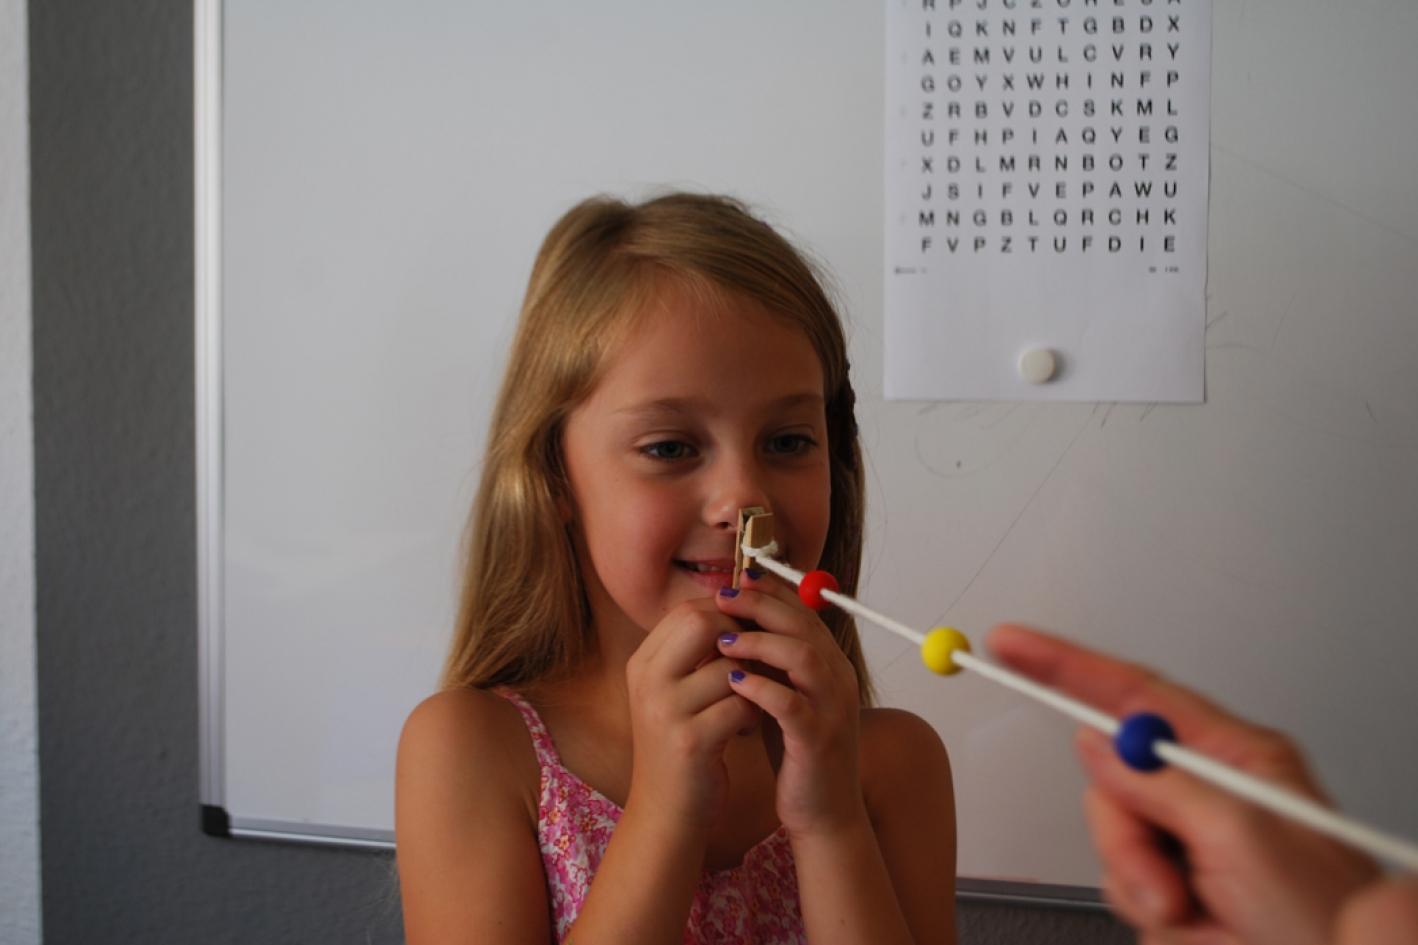 Augenoptisches und optometrisches Zentrum Optik Mattern - Ihr Optiker in Wiesloch und Sandhausen. Gezielte Übungen zur Steigerung der Seh- und Wahrnehmungsfähigkeiten sind Teil des optometrischen Visualtrainings im augen-blick-labor von Optik Mattern.